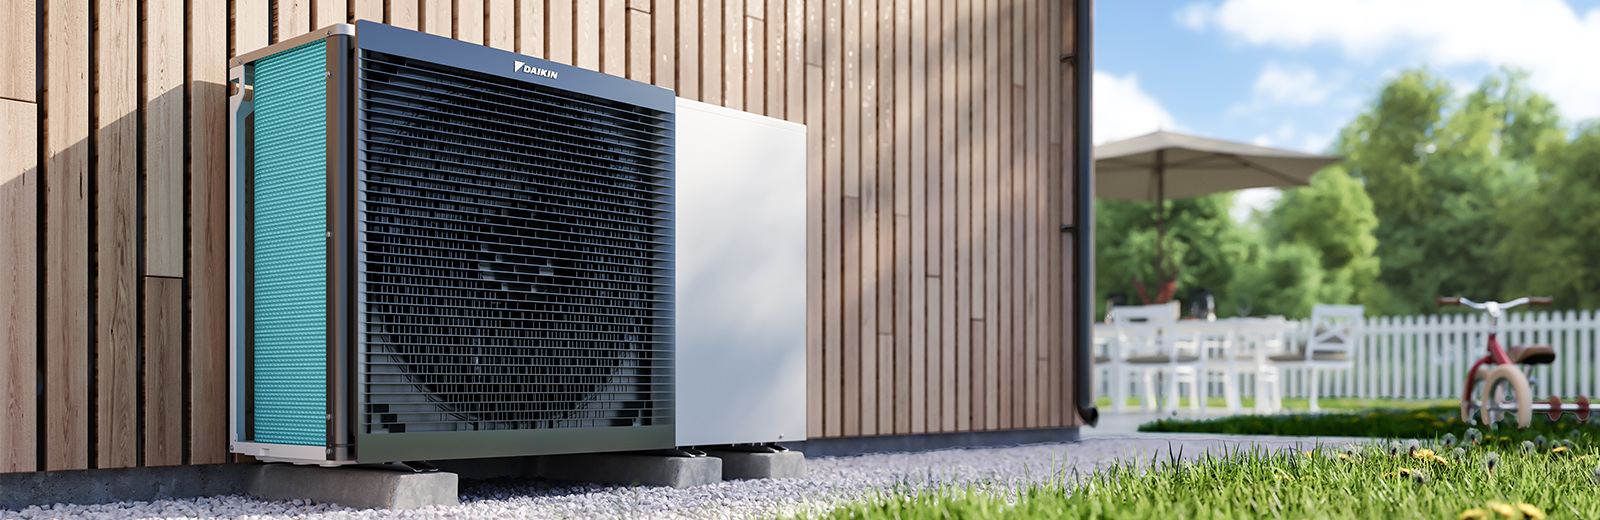 Daikin heat pump outdoors